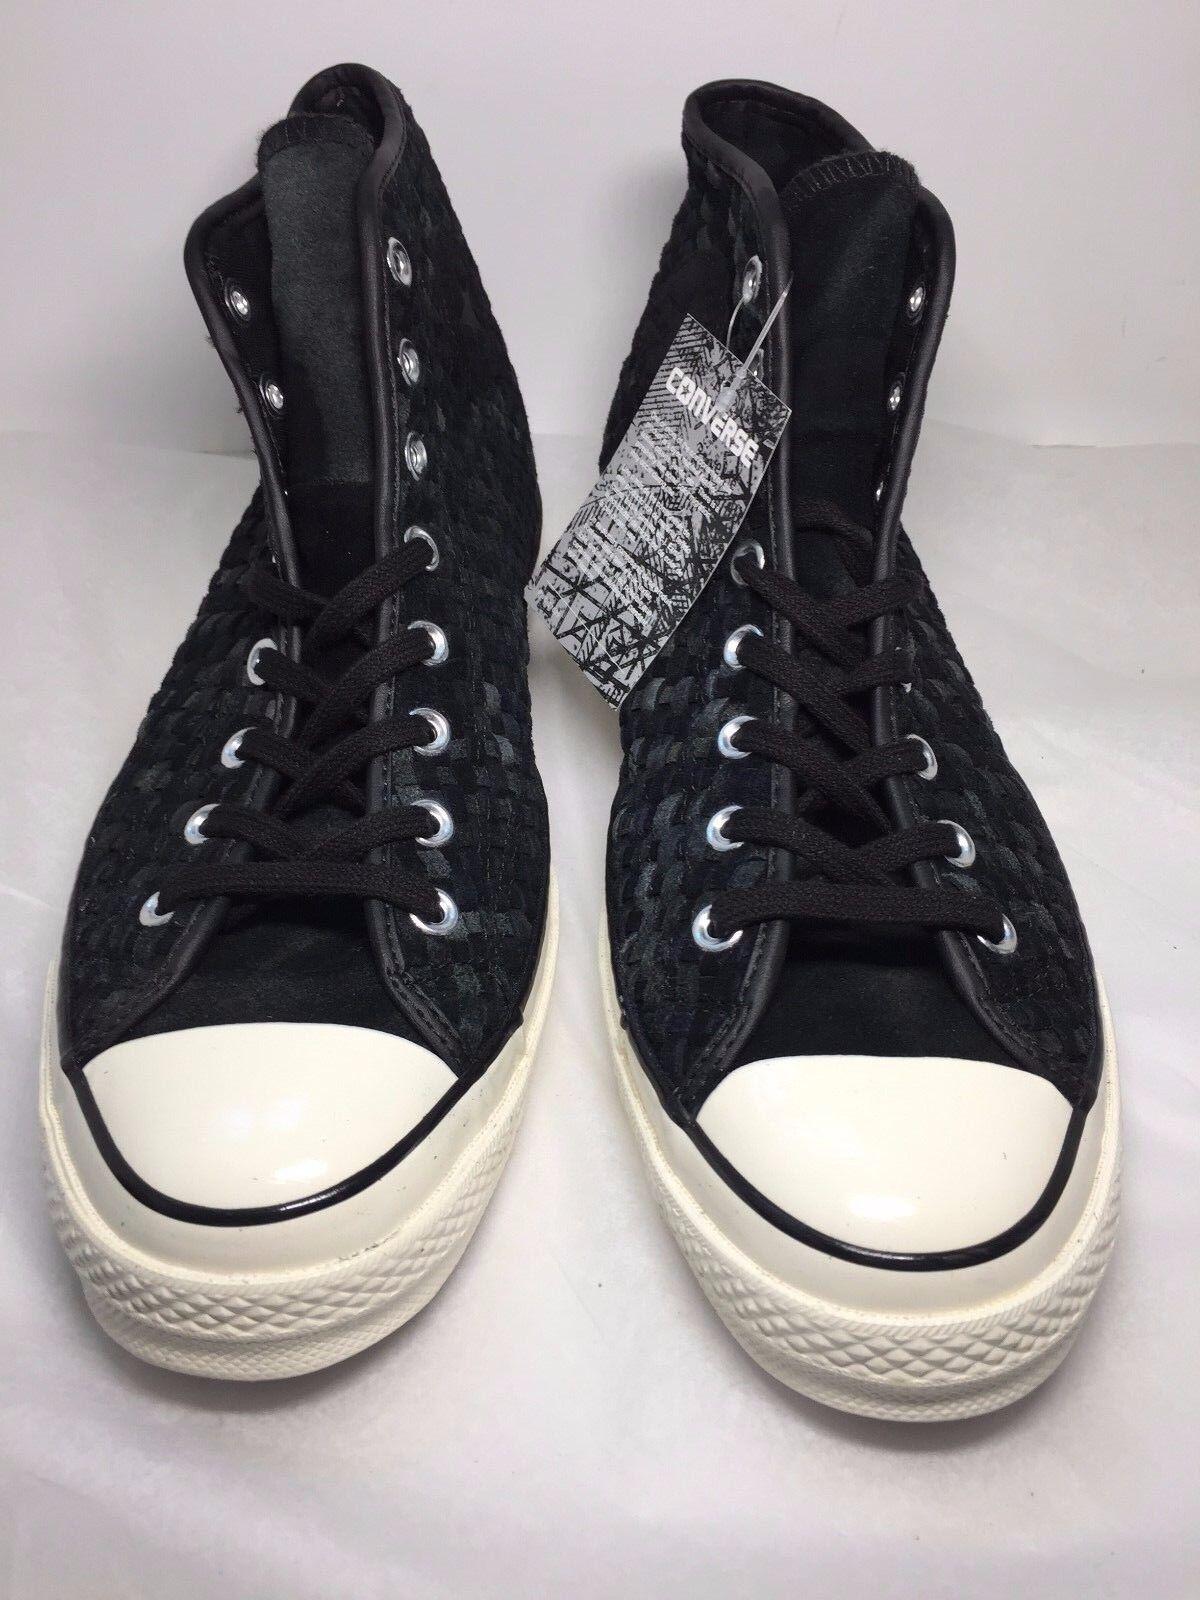 Converse CTAS 1970s Hi Sneaker Black Chuck Textured 151244C Mens 11.5 Chuck Black All Stars c708e2